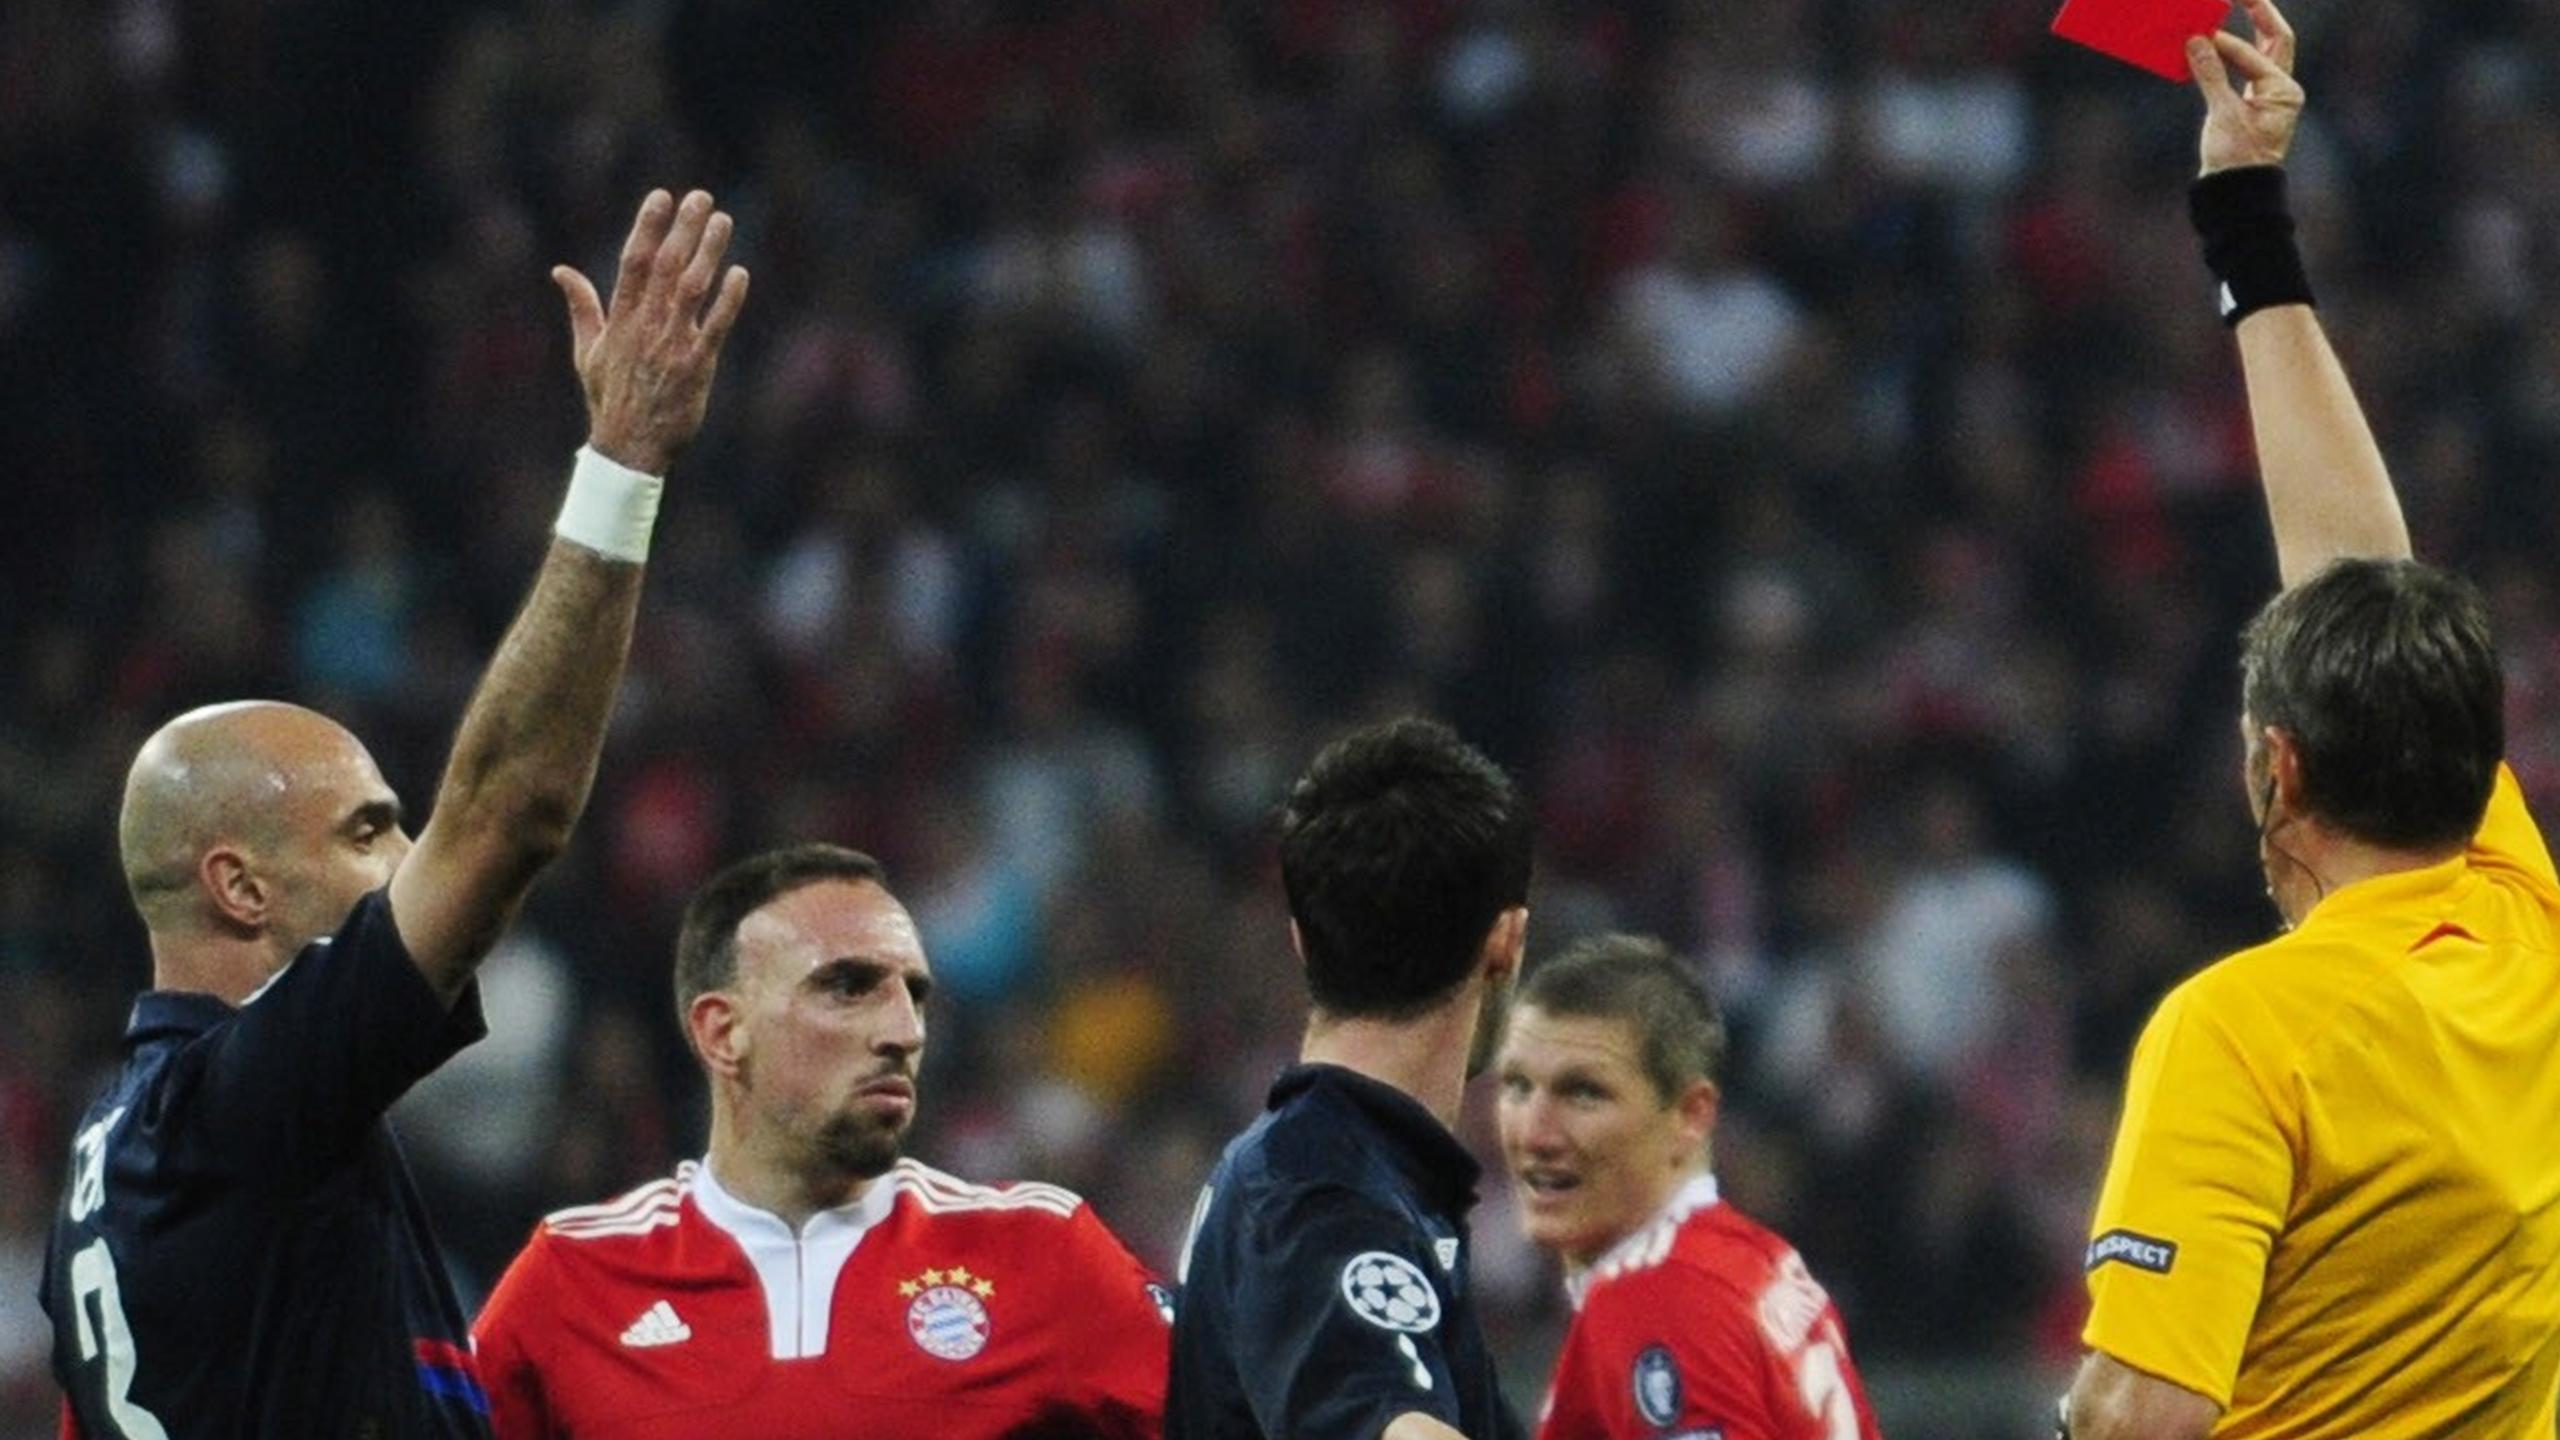 Смотреть онлайн прямой эфир футбол интер бавария 2010 финал